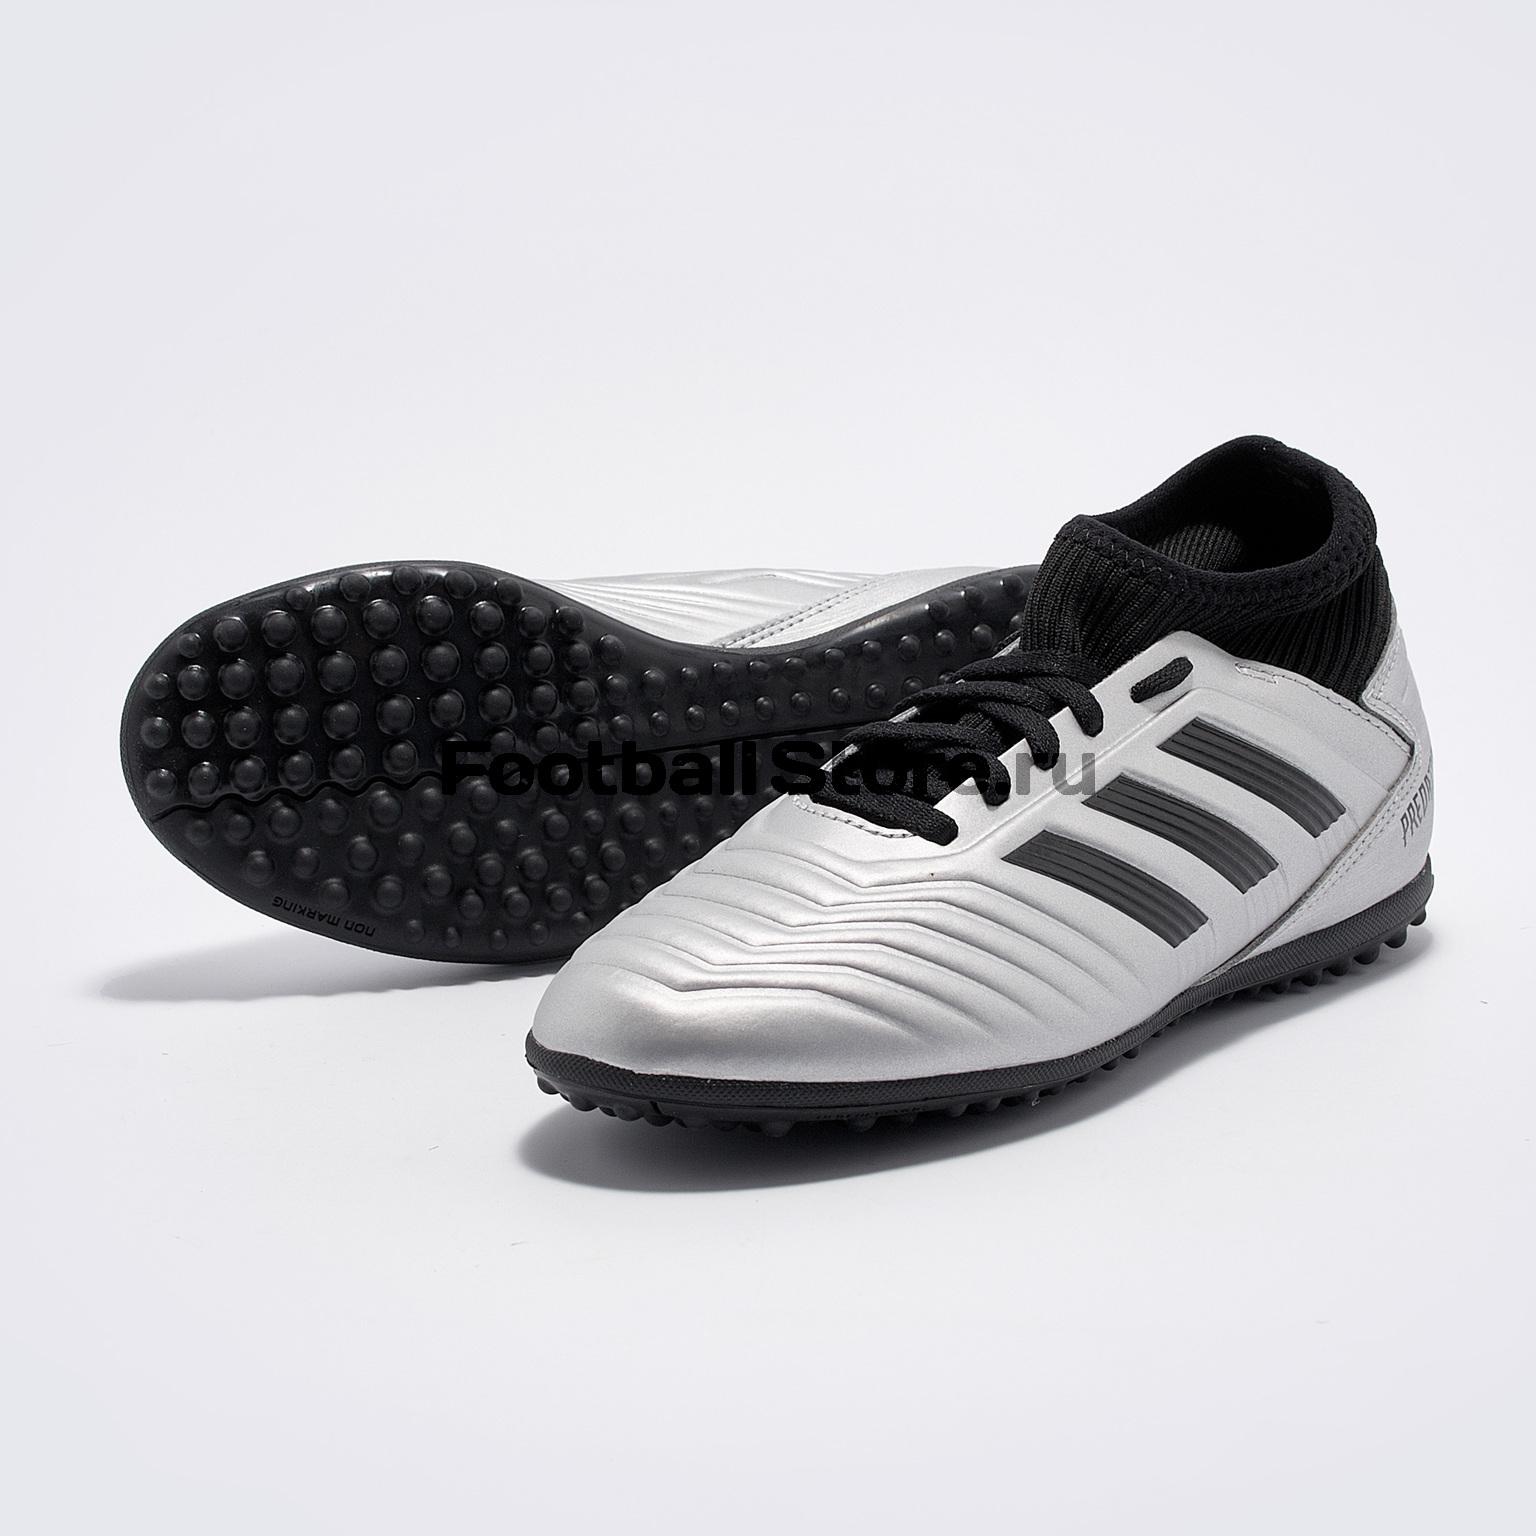 Шиповки детские Adidas Predator 19.3 TF G25802 шиповки детские adidas x tango 18 3 tf db2422